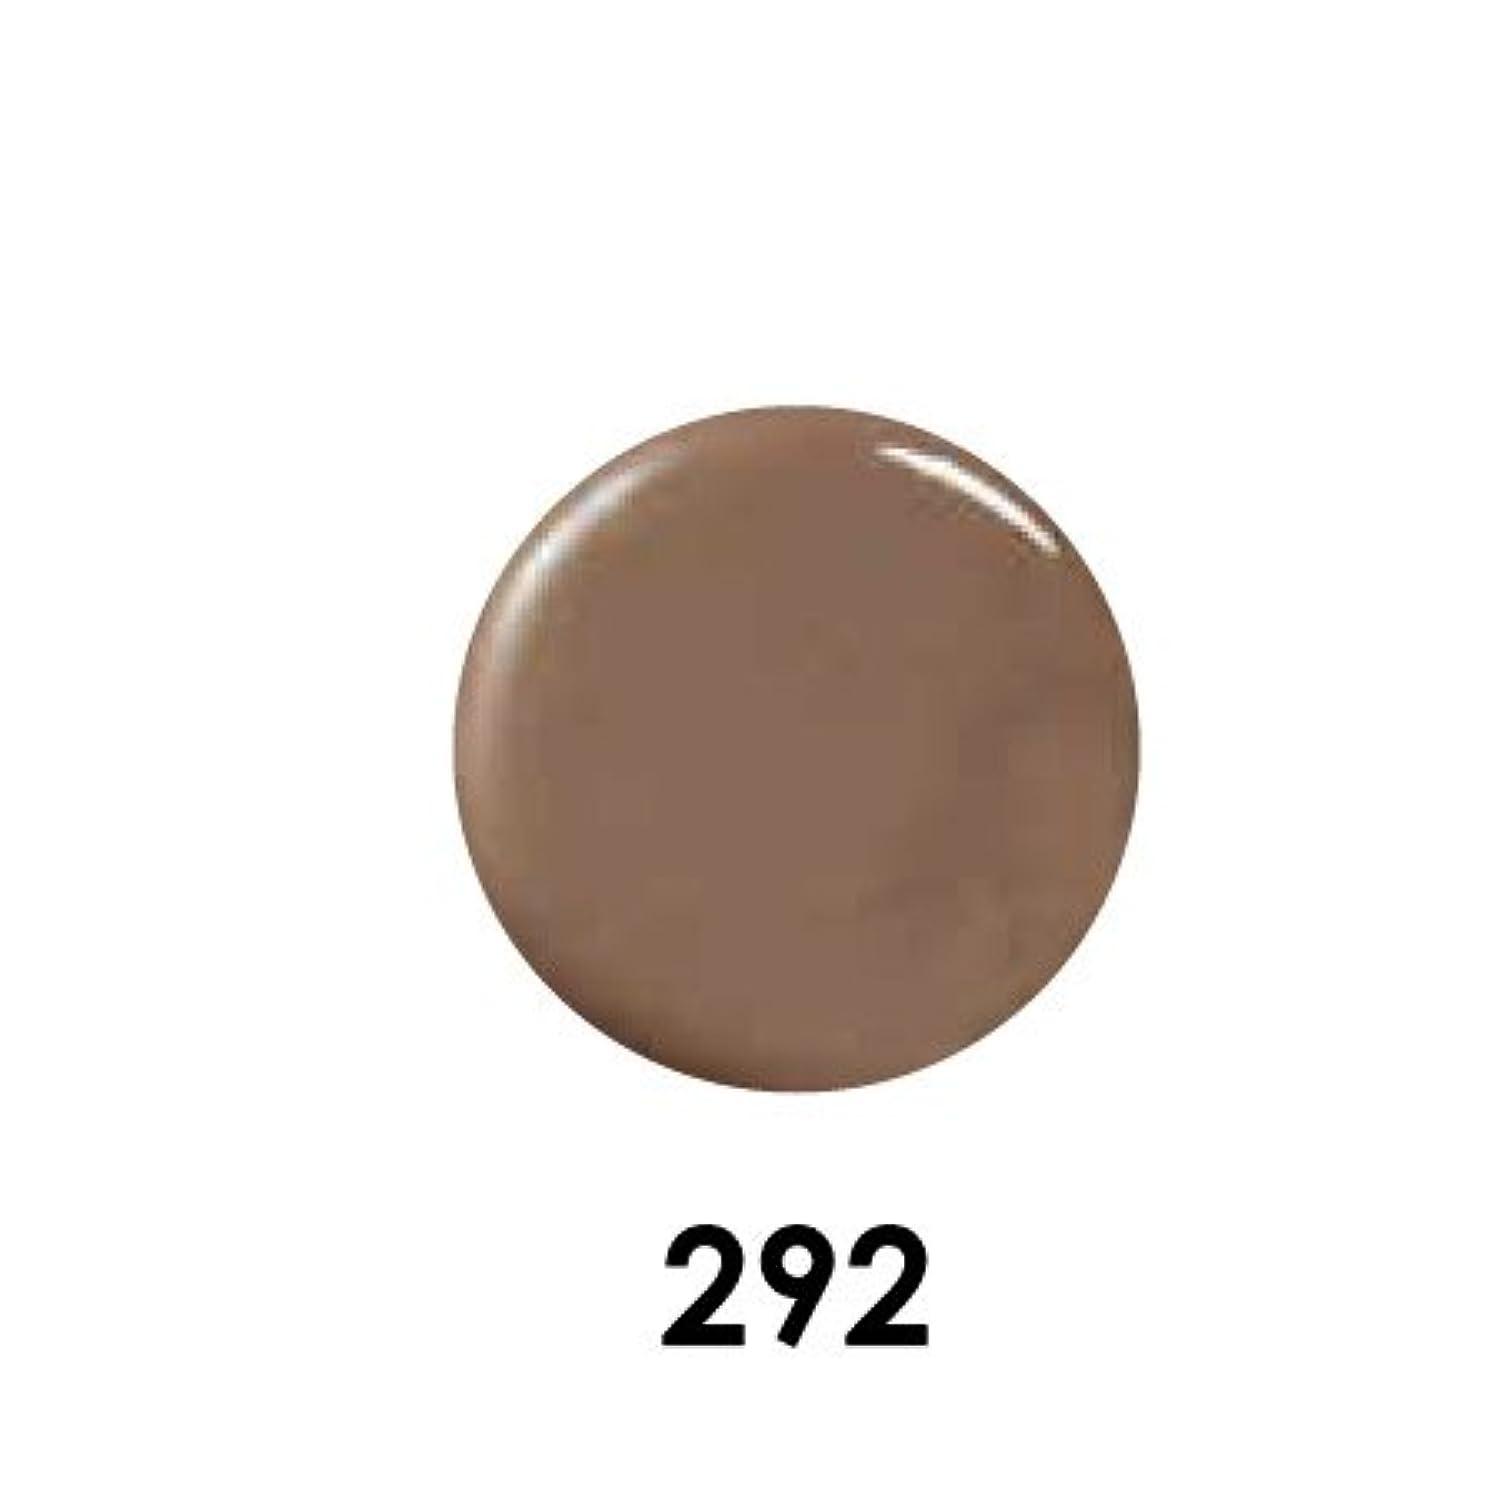 伸ばす落胆する特別なPutiel プティール カラージェル 292 ジプシーブラウン 2g (MARIEプロデュース)